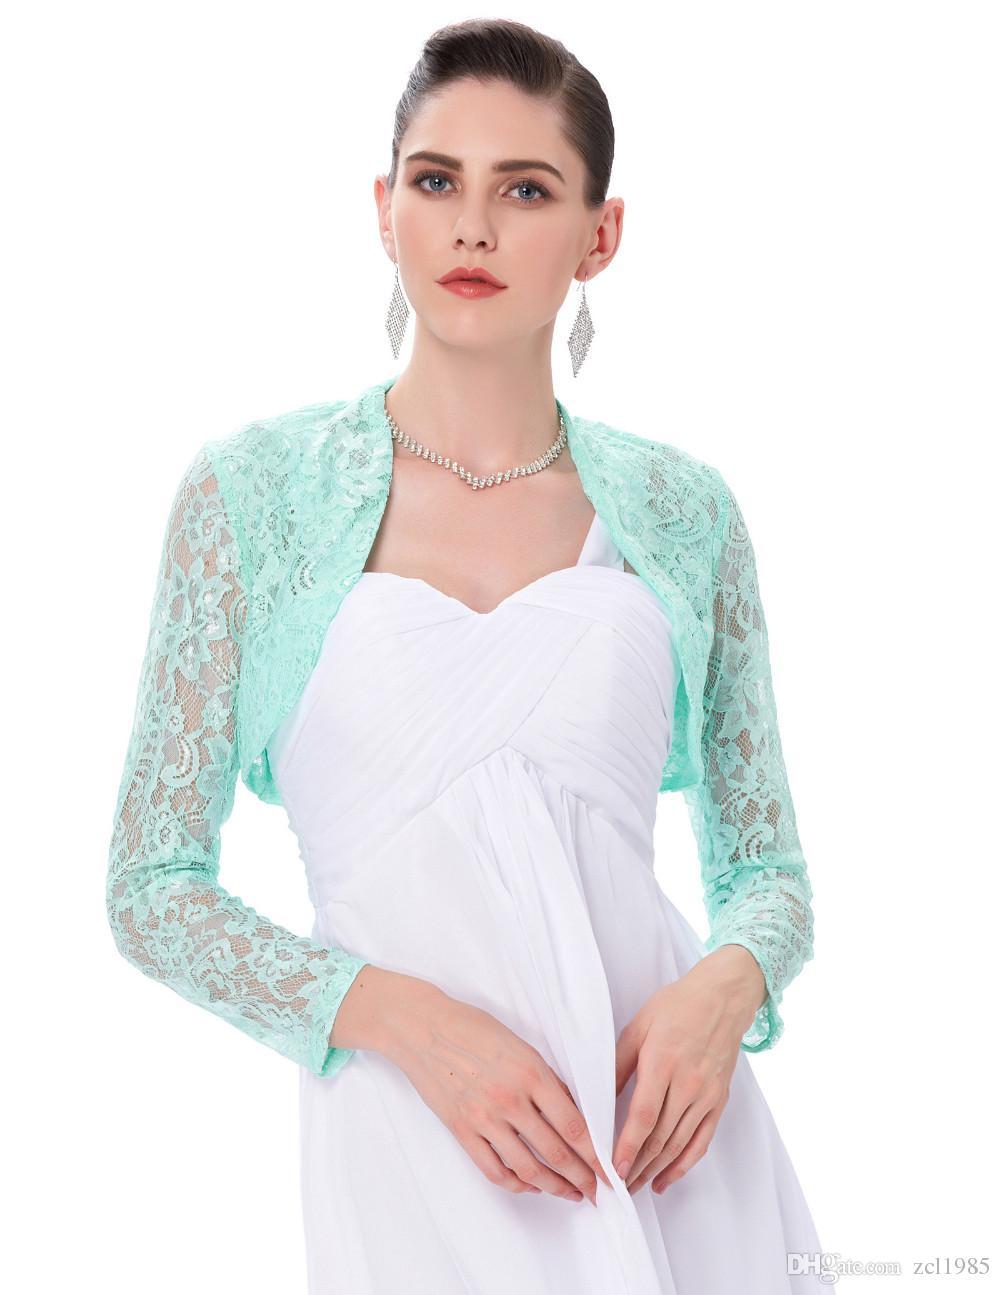 2019Long Sleeve Lace Bolero Wedding Accessories Plus Size Jacket Bridal Wraps Elegant Wedding Shawl Shrug Accessories